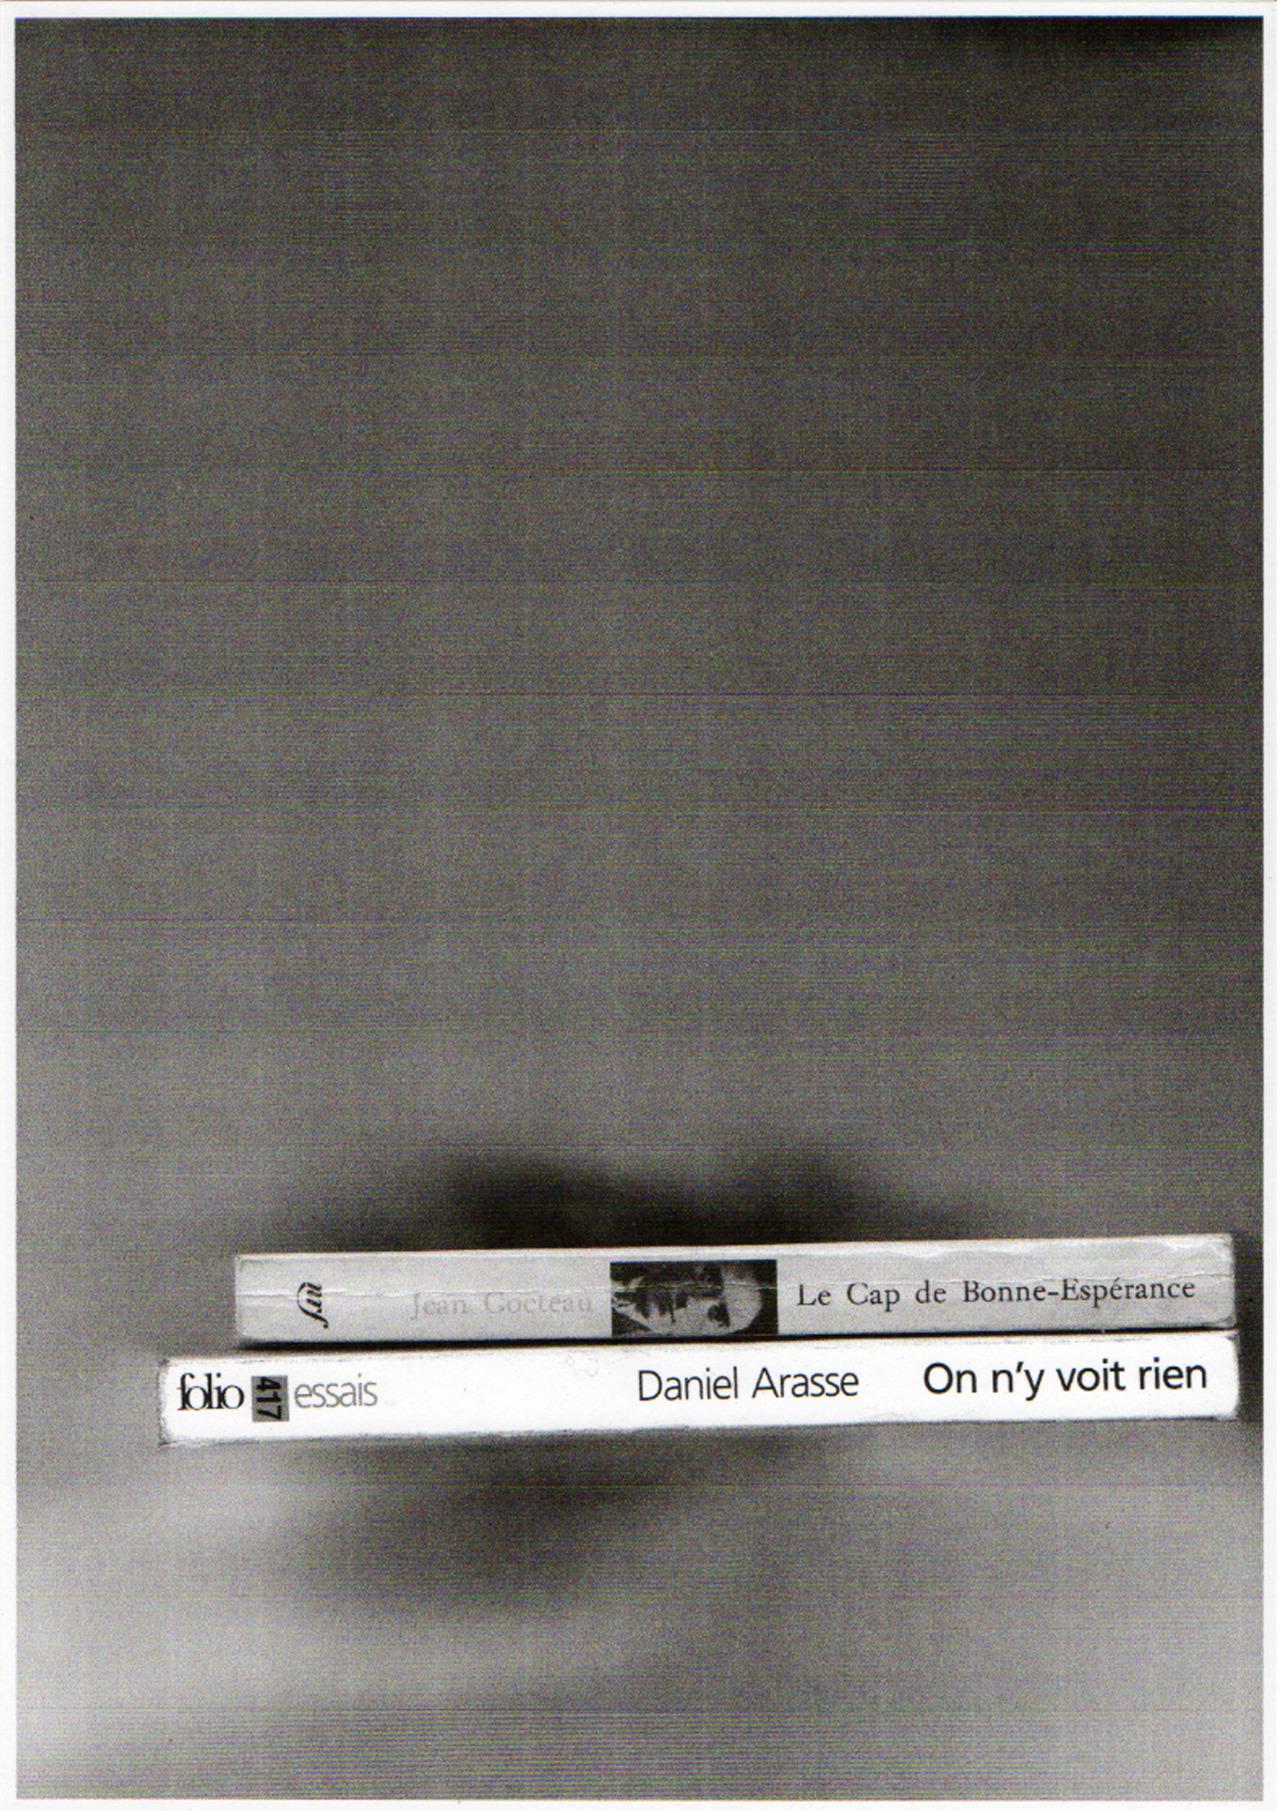 Le cap de Bonne-Éspérance on y voit rien, photocopie, 2013